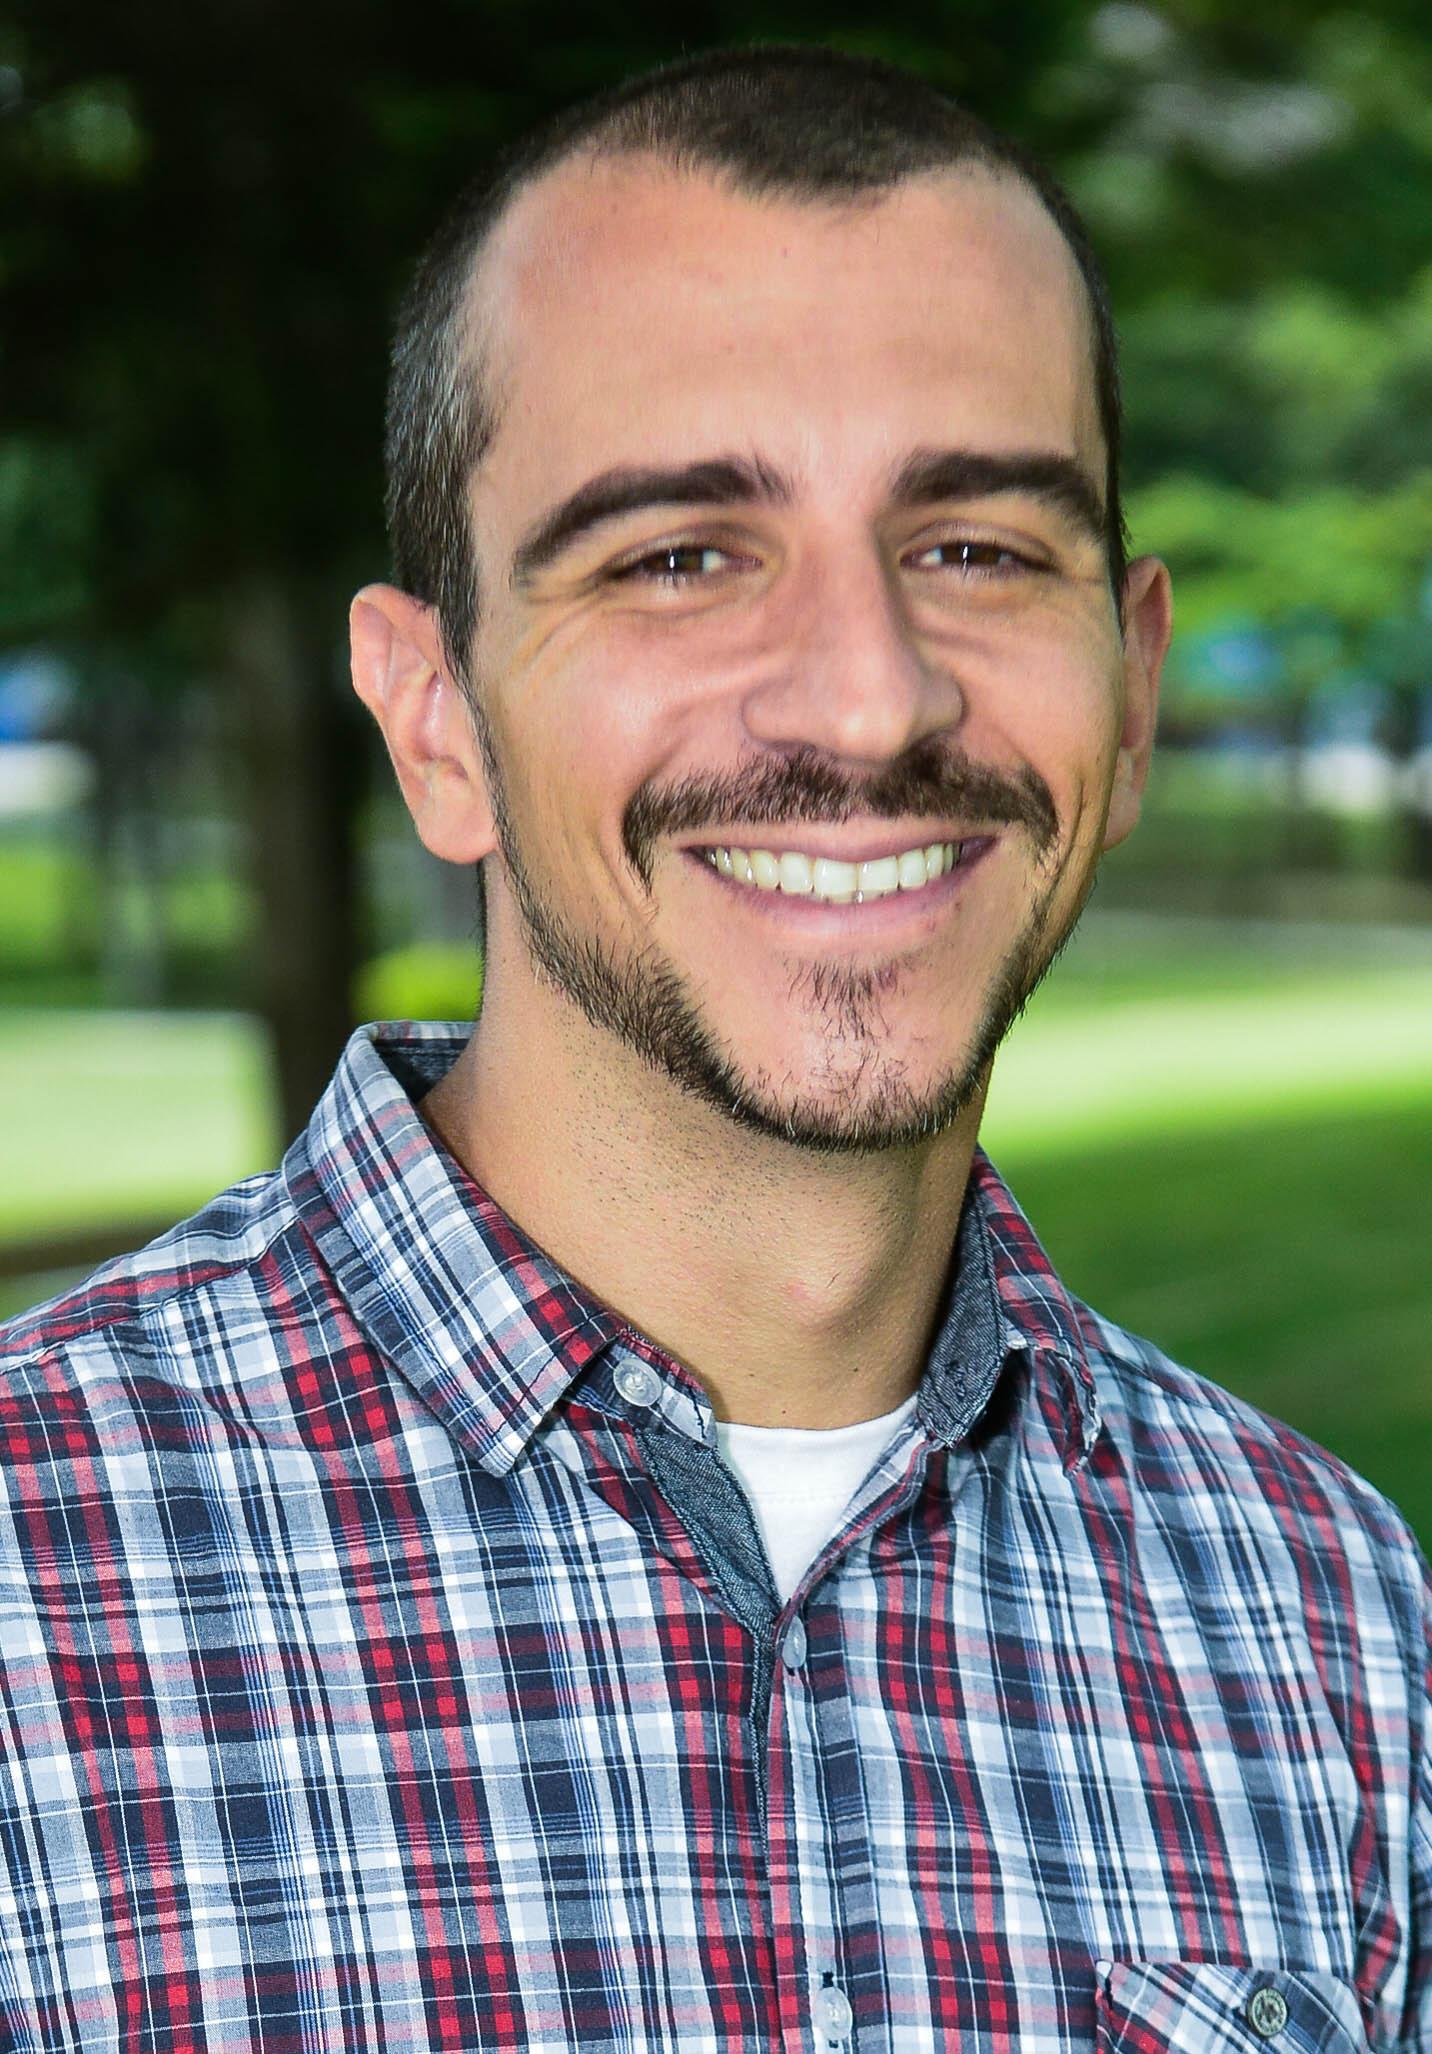 Alberto Domeniconi es pastor  desde 1999 y psicólogo desde 2005.  Actualmente enseña el curso  de Psicología, en la Universidad Adventista de Sao Paulo, Brasil.